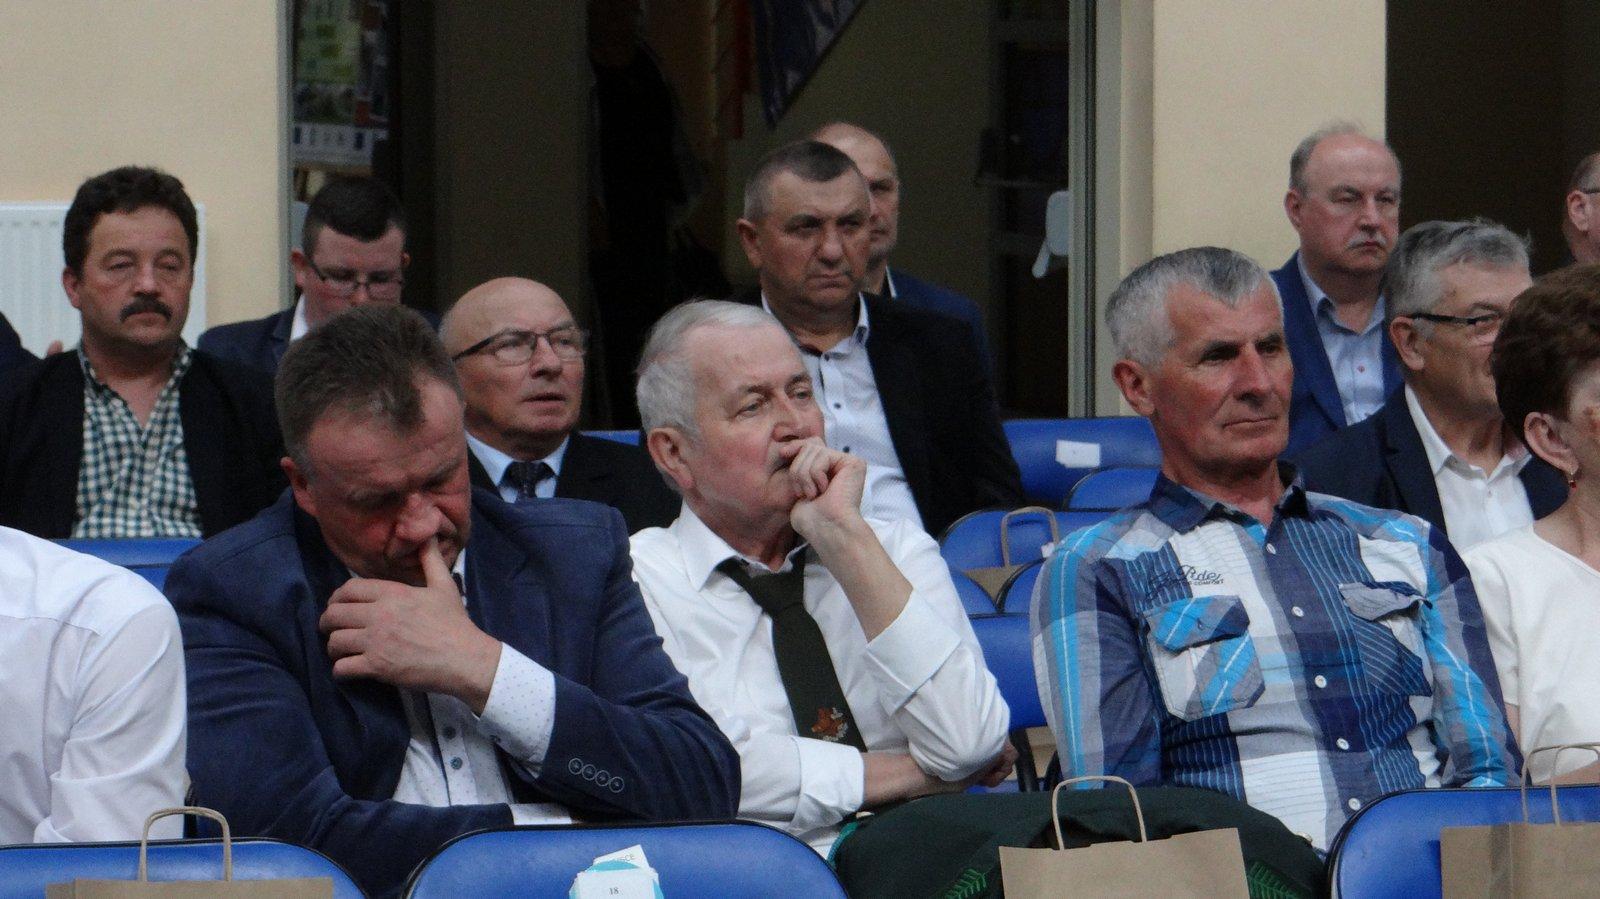 dsc09466 - Wielkopolska zaradność i pracowitość doceniona na Forum Wielkopolskiej Wsi Europejskiej